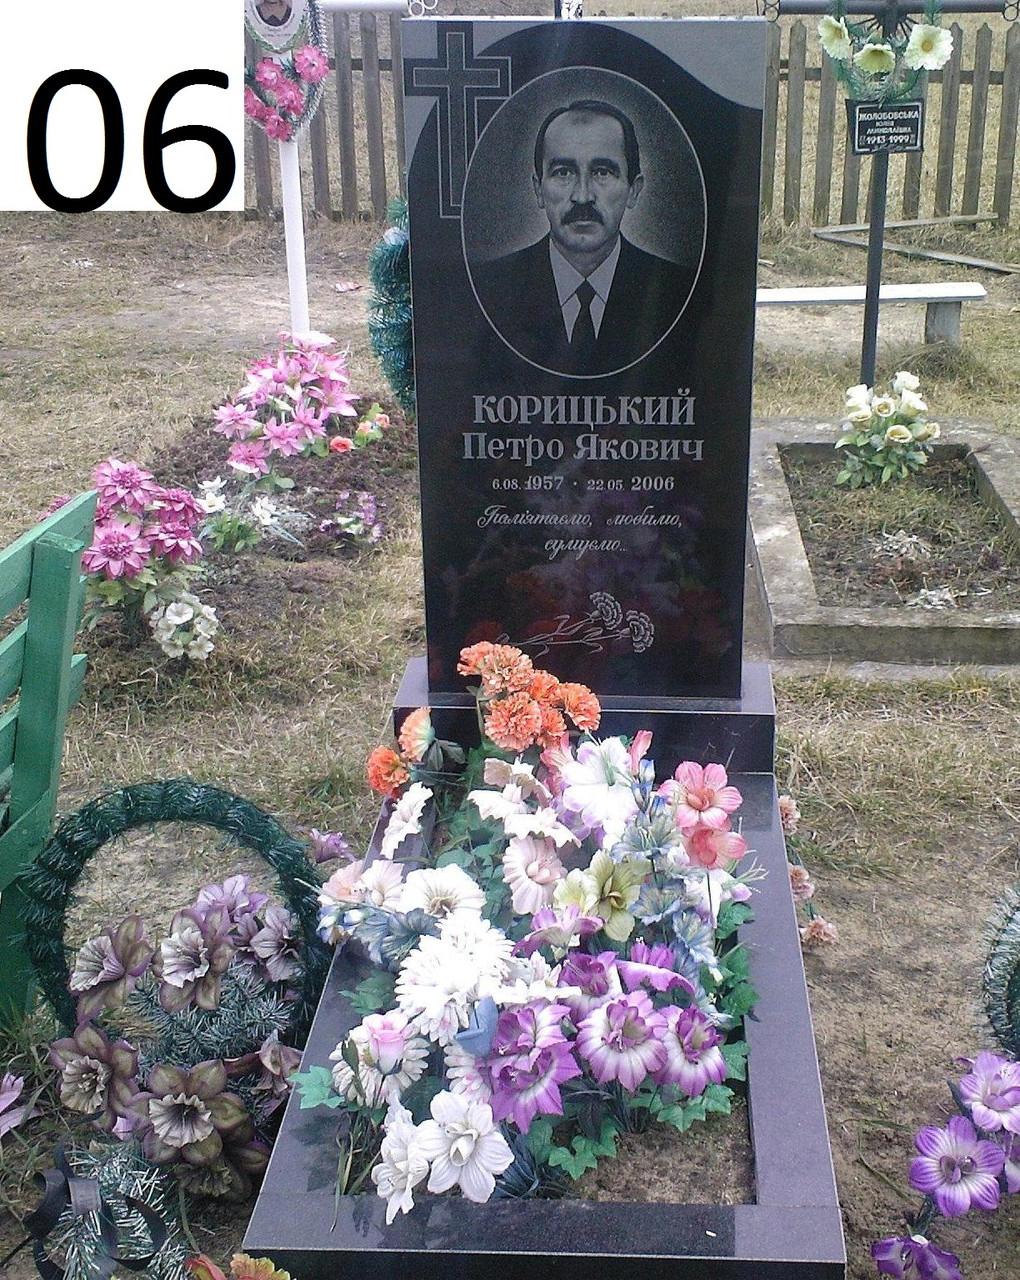 Одинарний пам'ятник на могилу для чоловіка із граніту